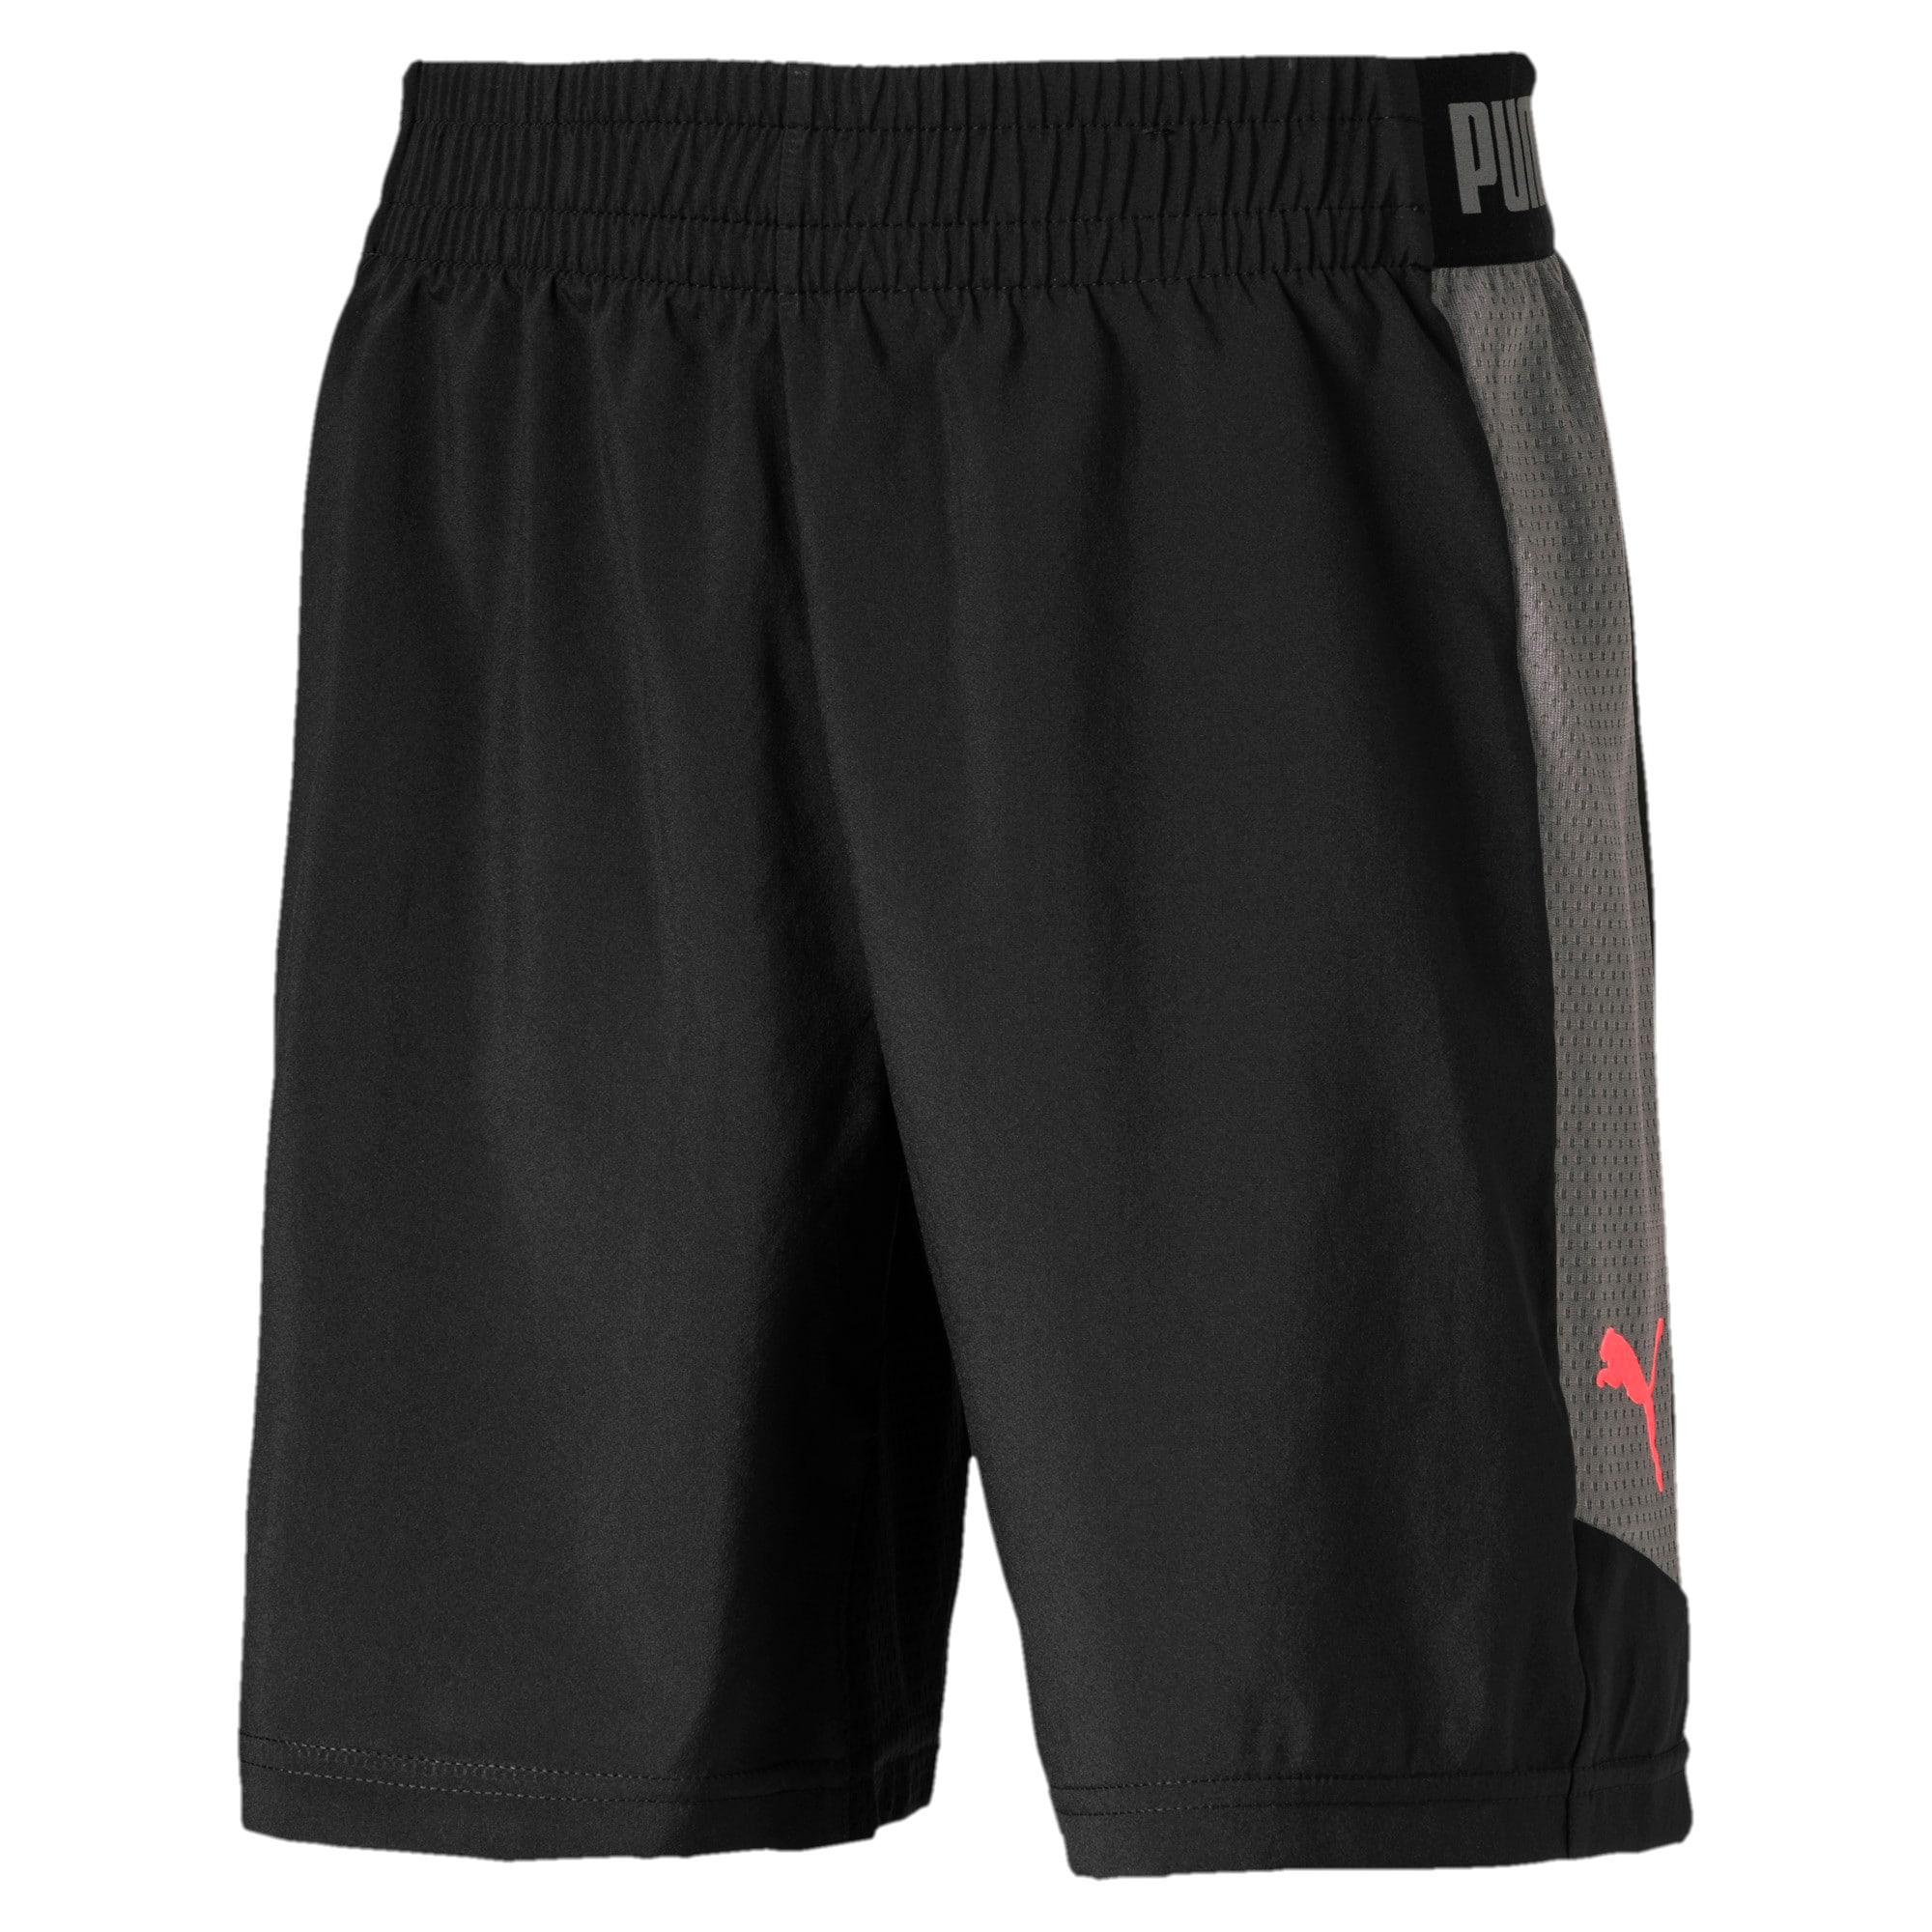 Thumbnail 2 of ftblNXT Woven Boys' Shorts, Puma Black, medium-IND